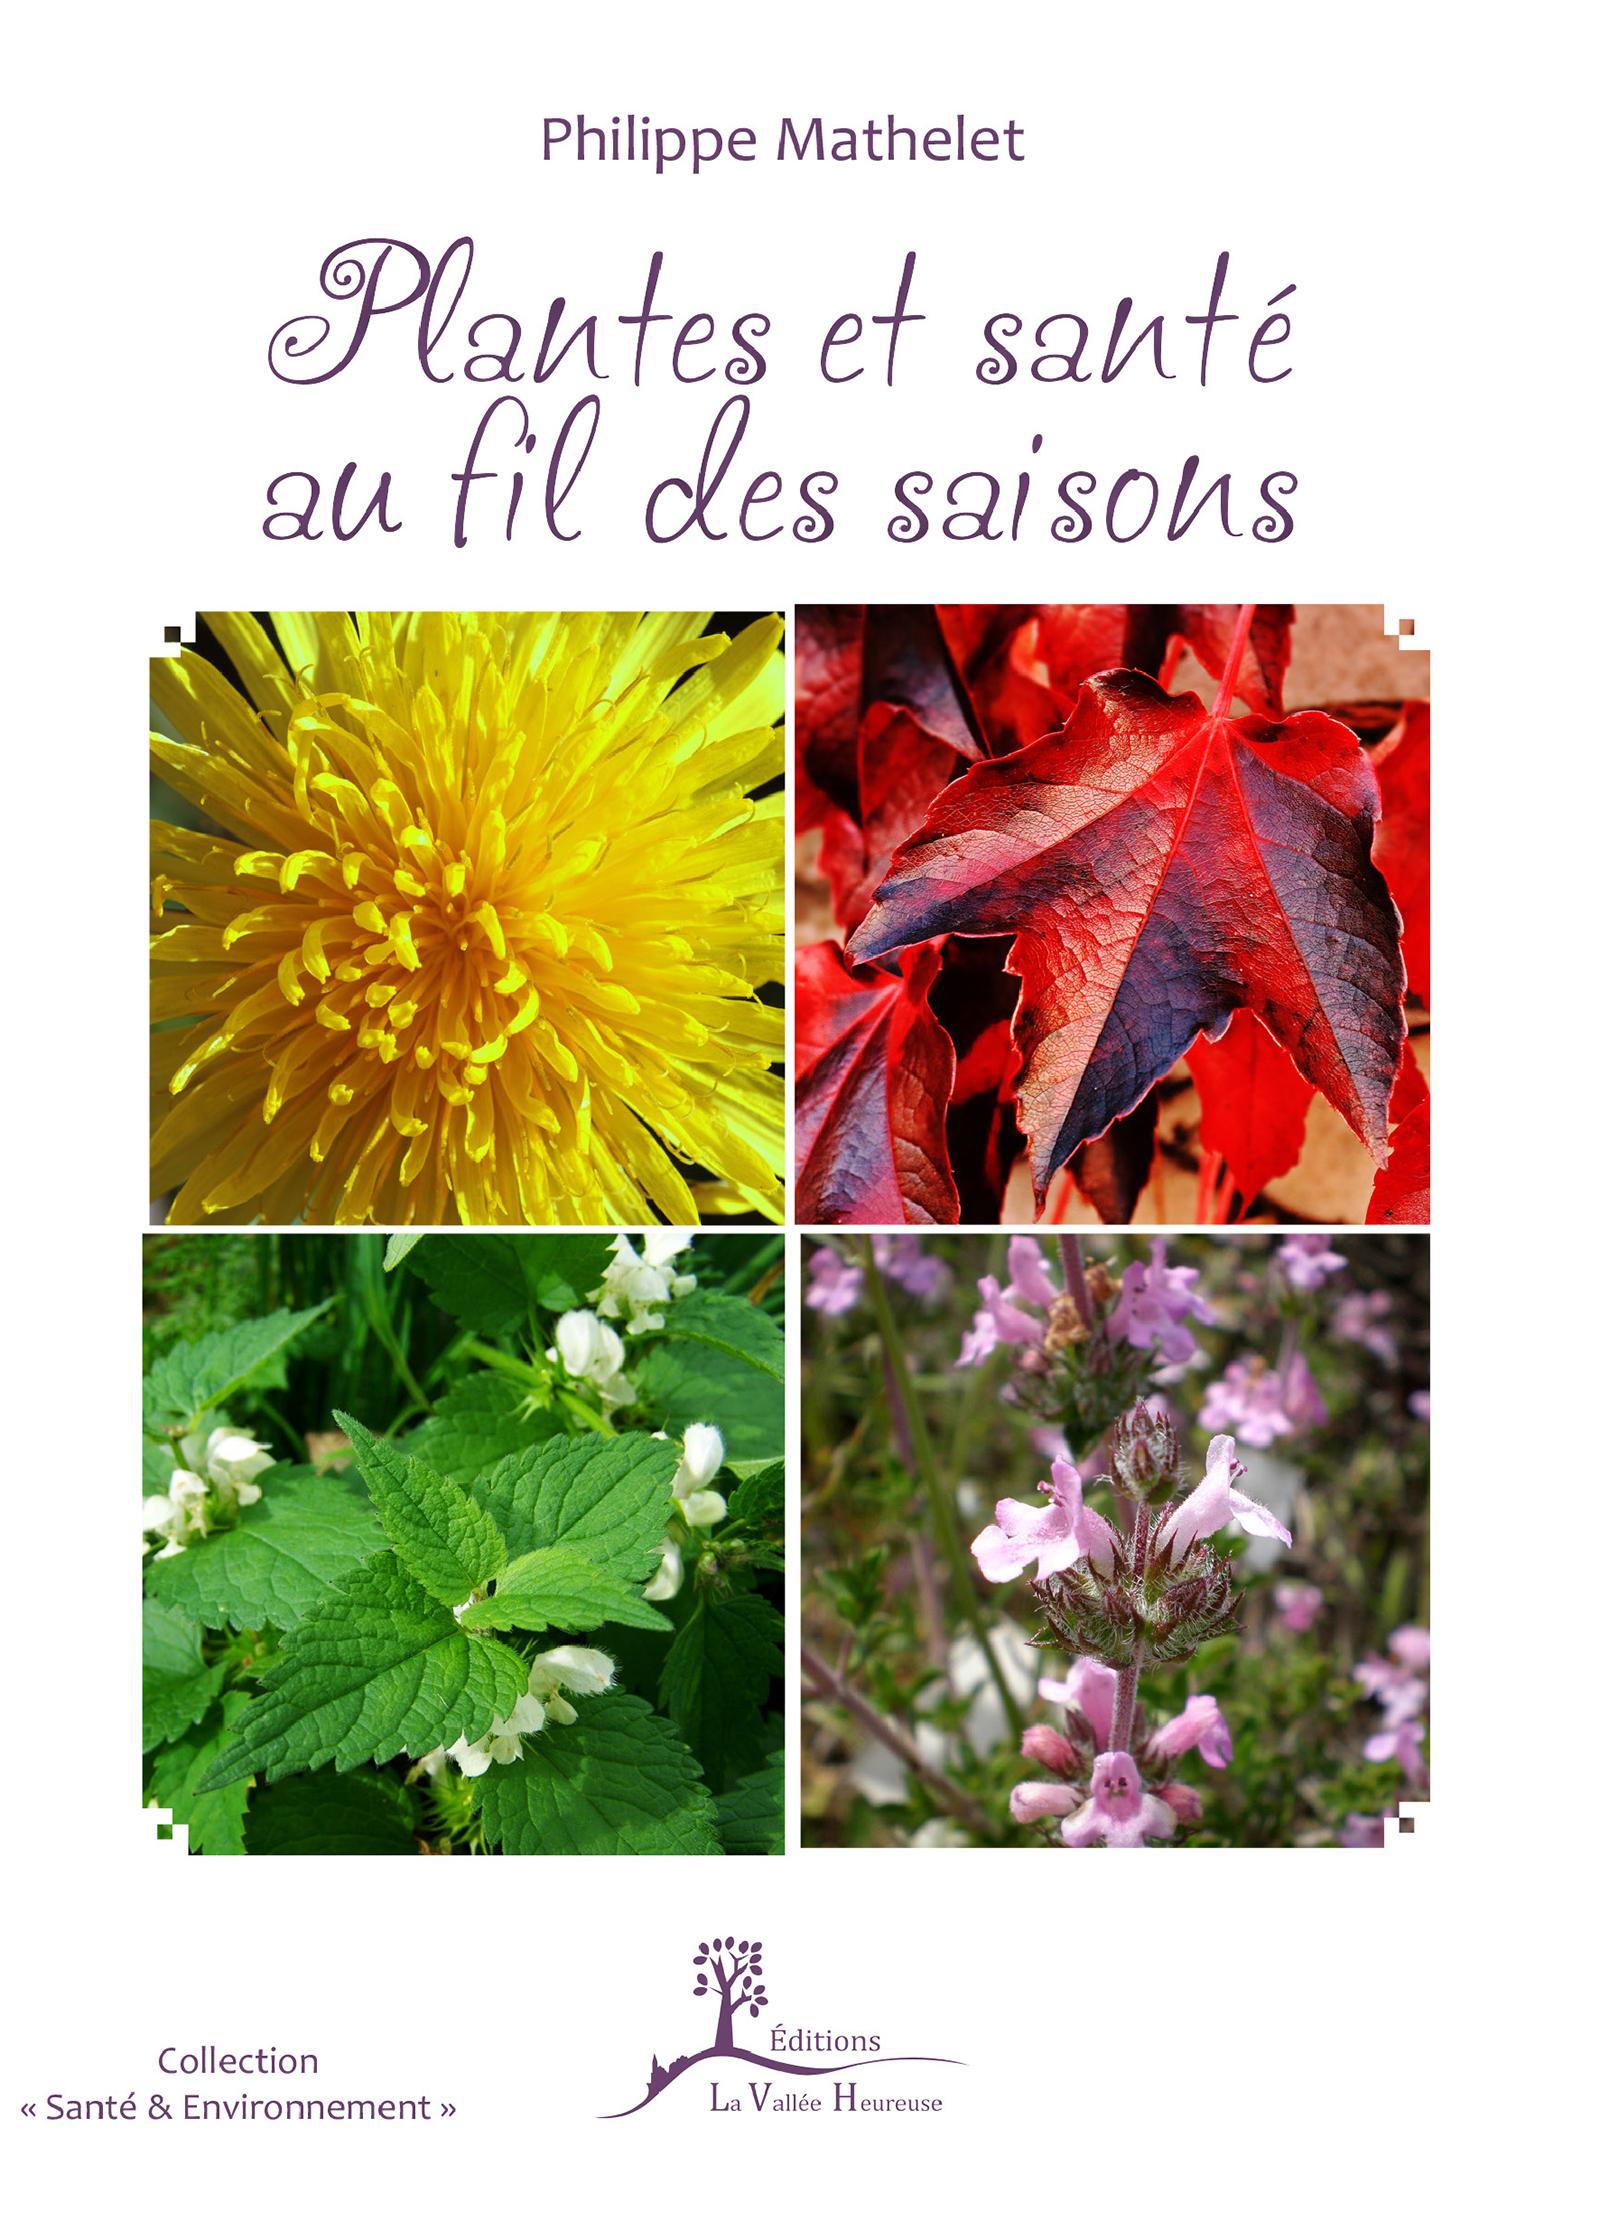 Plantes et santé au fil des saisons